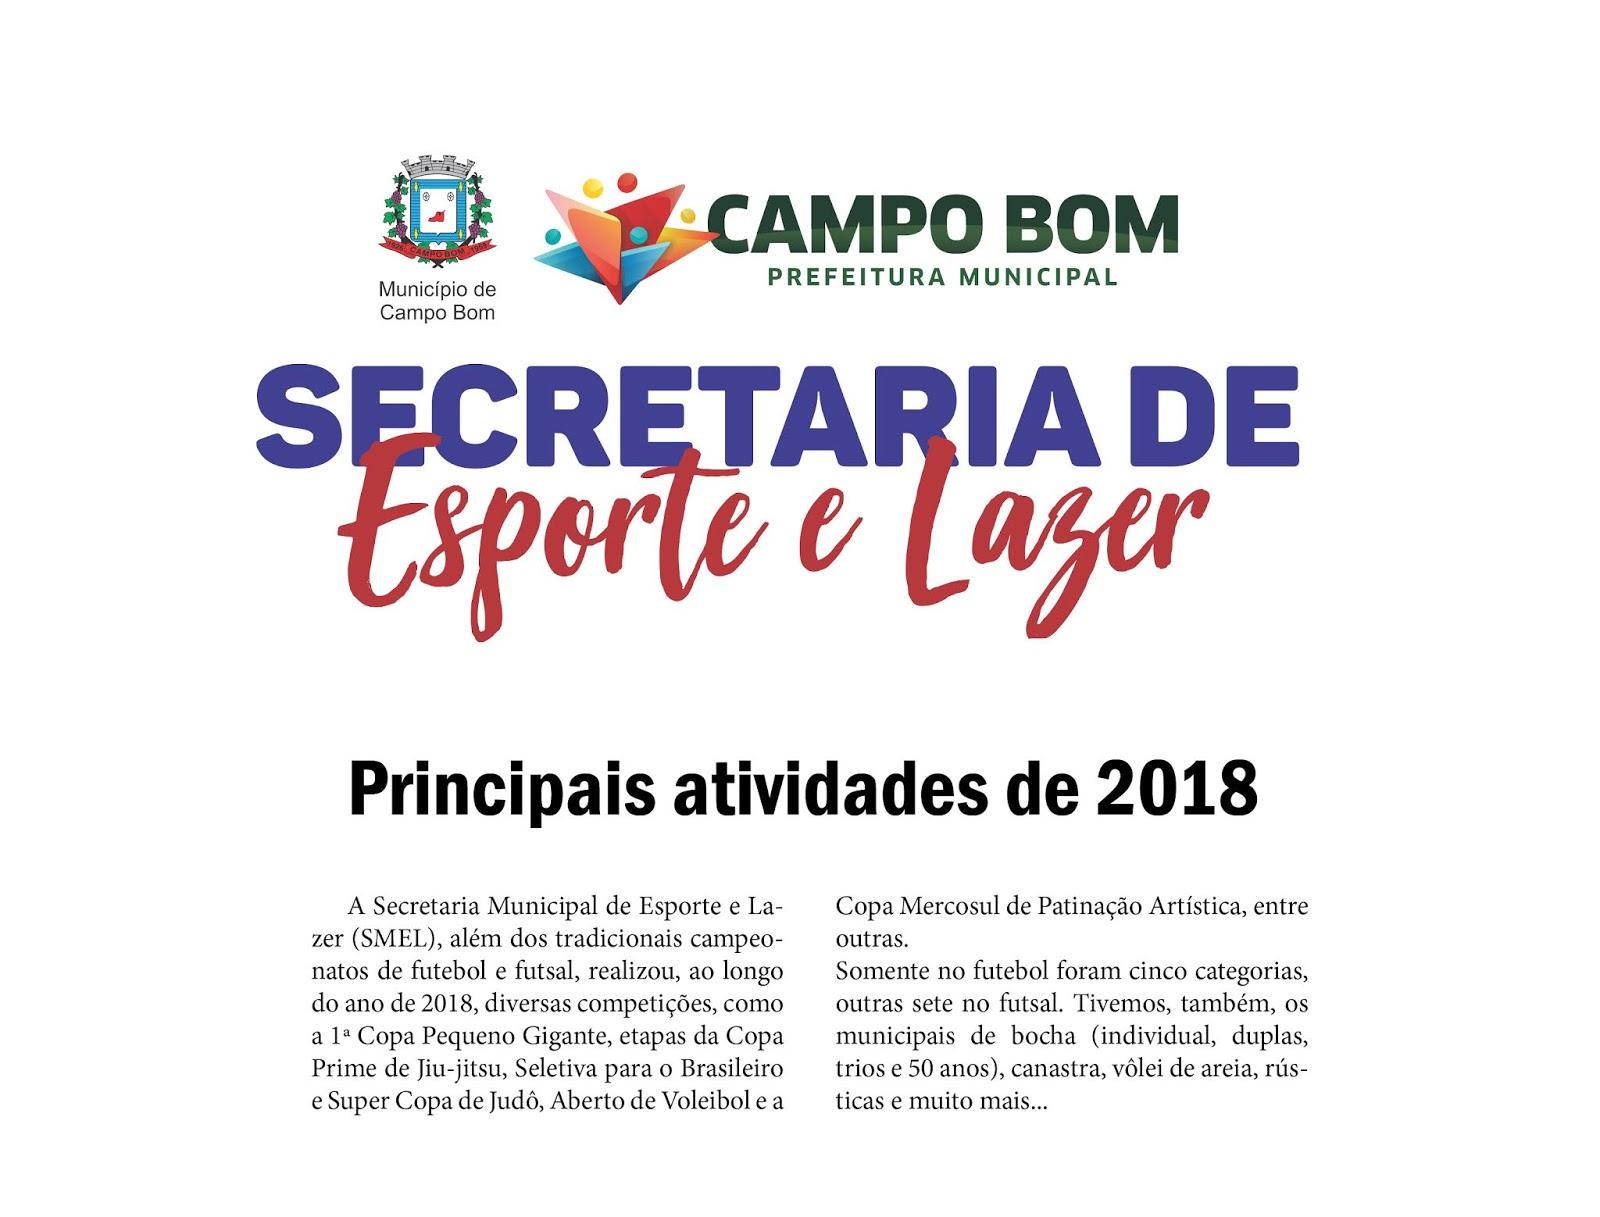 dc3eea83ea A Secretaria Municipal de Esporte e Lazer (SMEL)